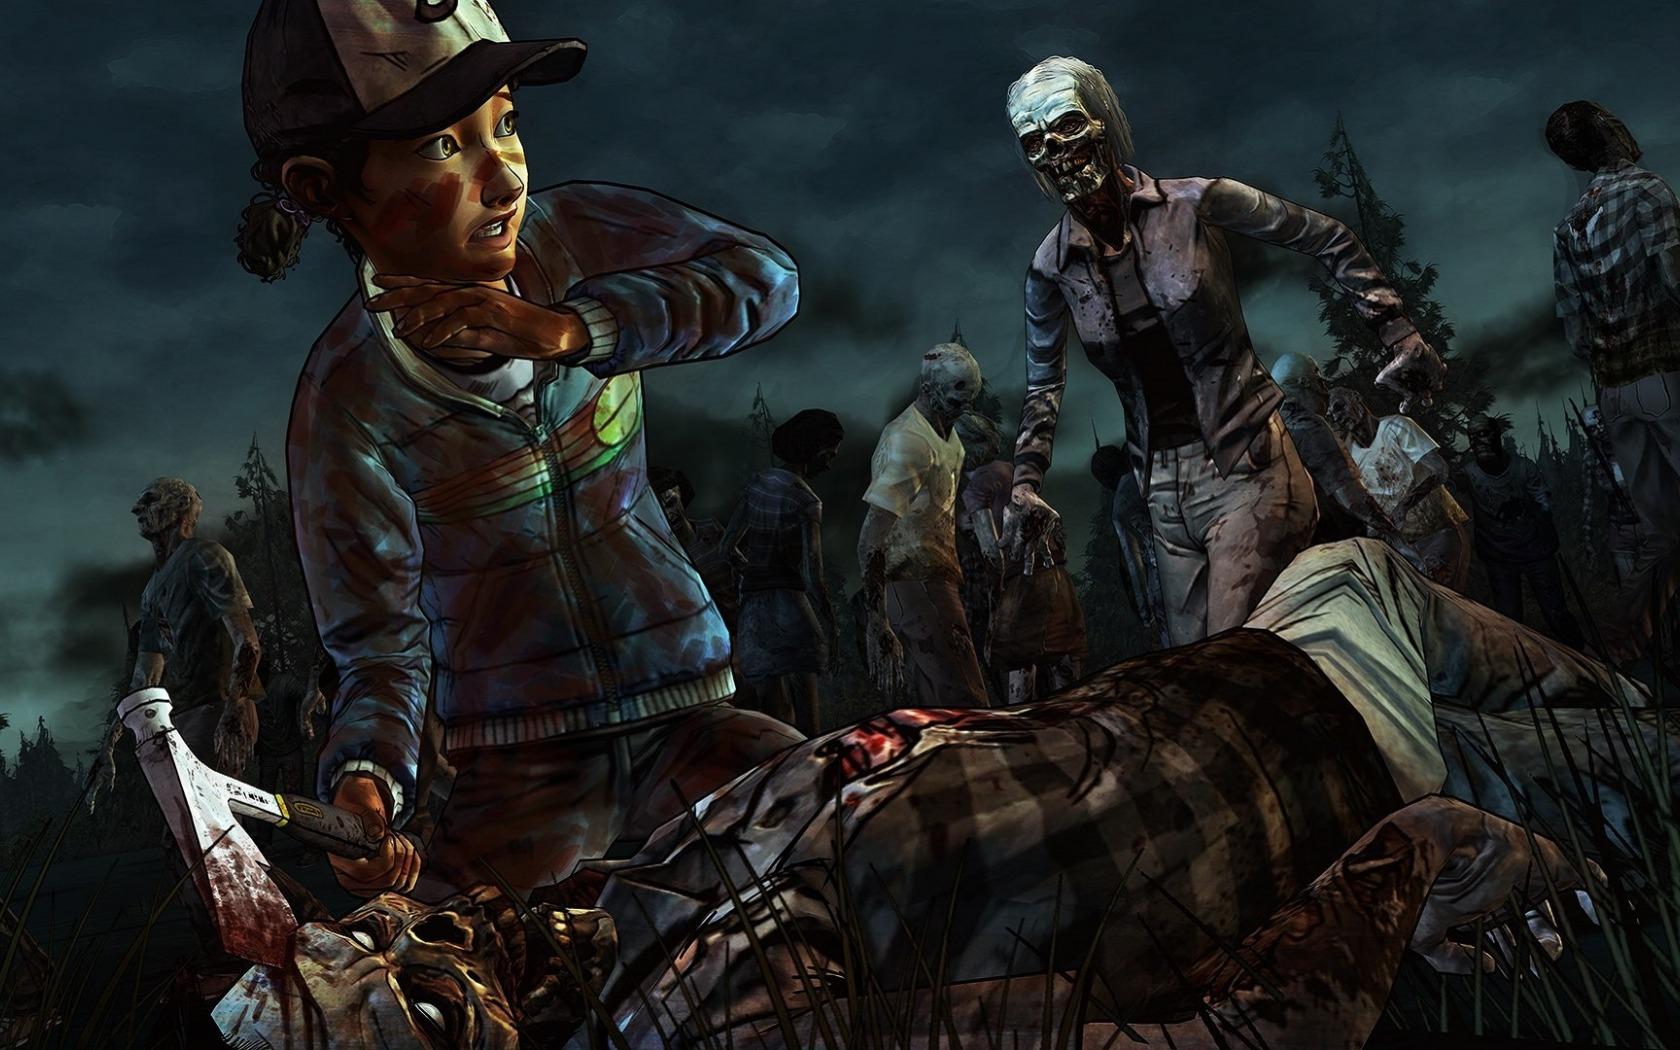 Wallpaper The Walking Dead A Telltale Games Series The Walking Dead Art Game 1680x1050 Wallpaperup 1005553 Hd Wallpapers Wallhere